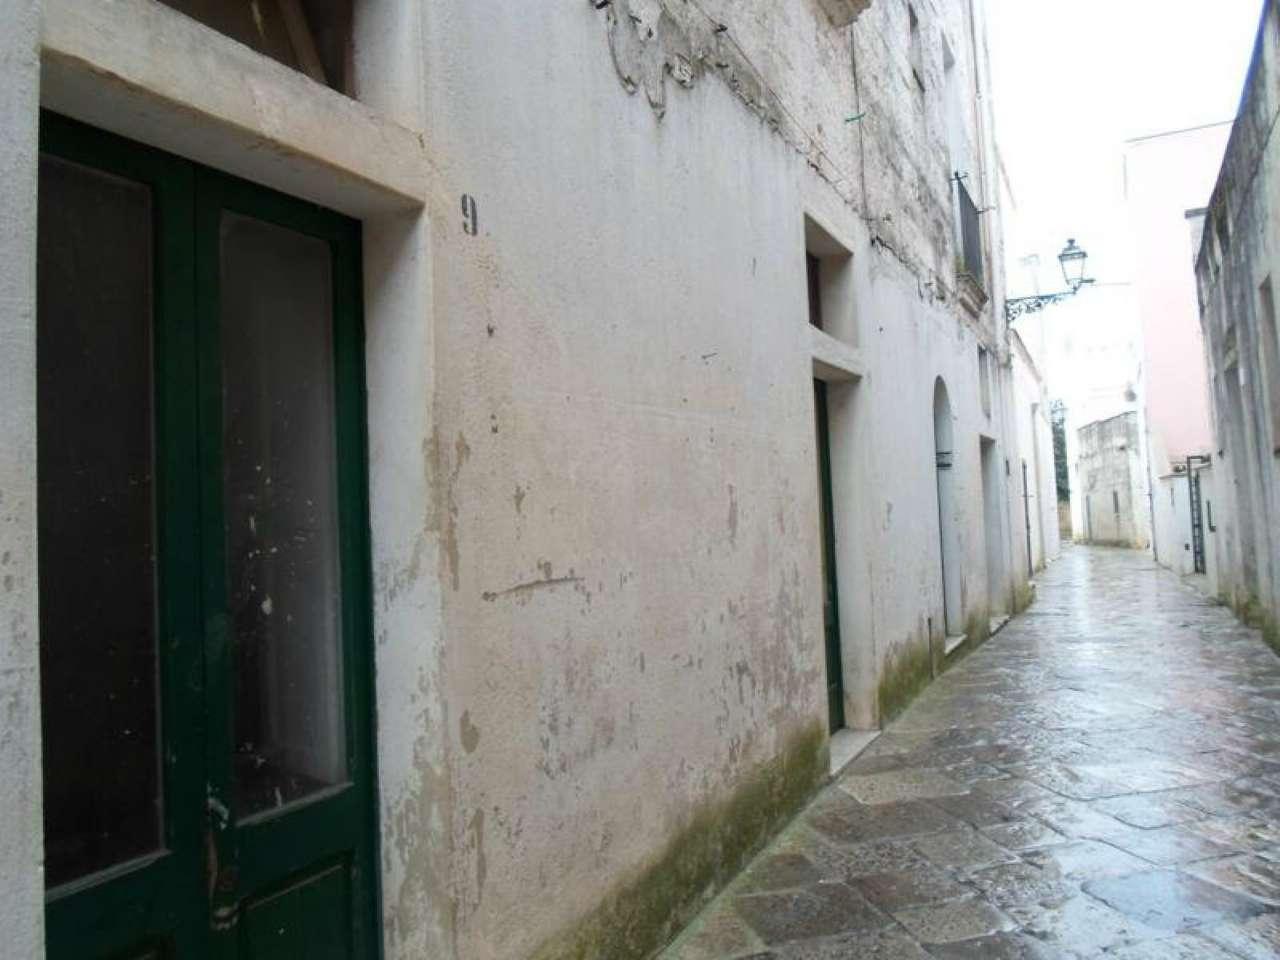 Palazzo / Stabile in vendita a Specchia, 3 locali, prezzo € 90.000 | Cambio Casa.it